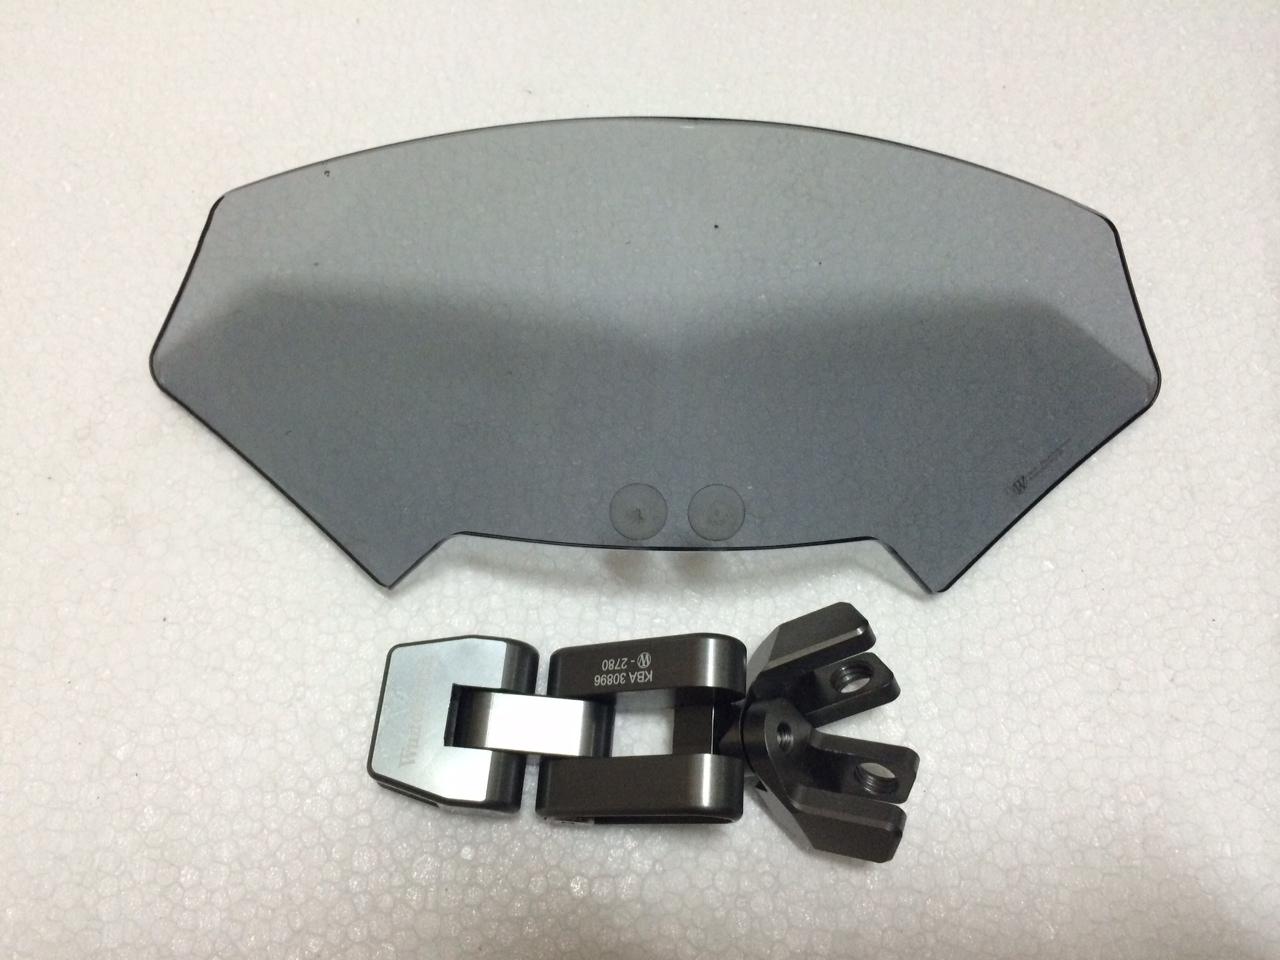 【バイク スクリーン】ワンダーリッヒVario-Ergo スクリーン・スポイラー 3D可変補助スポイラー スモーク